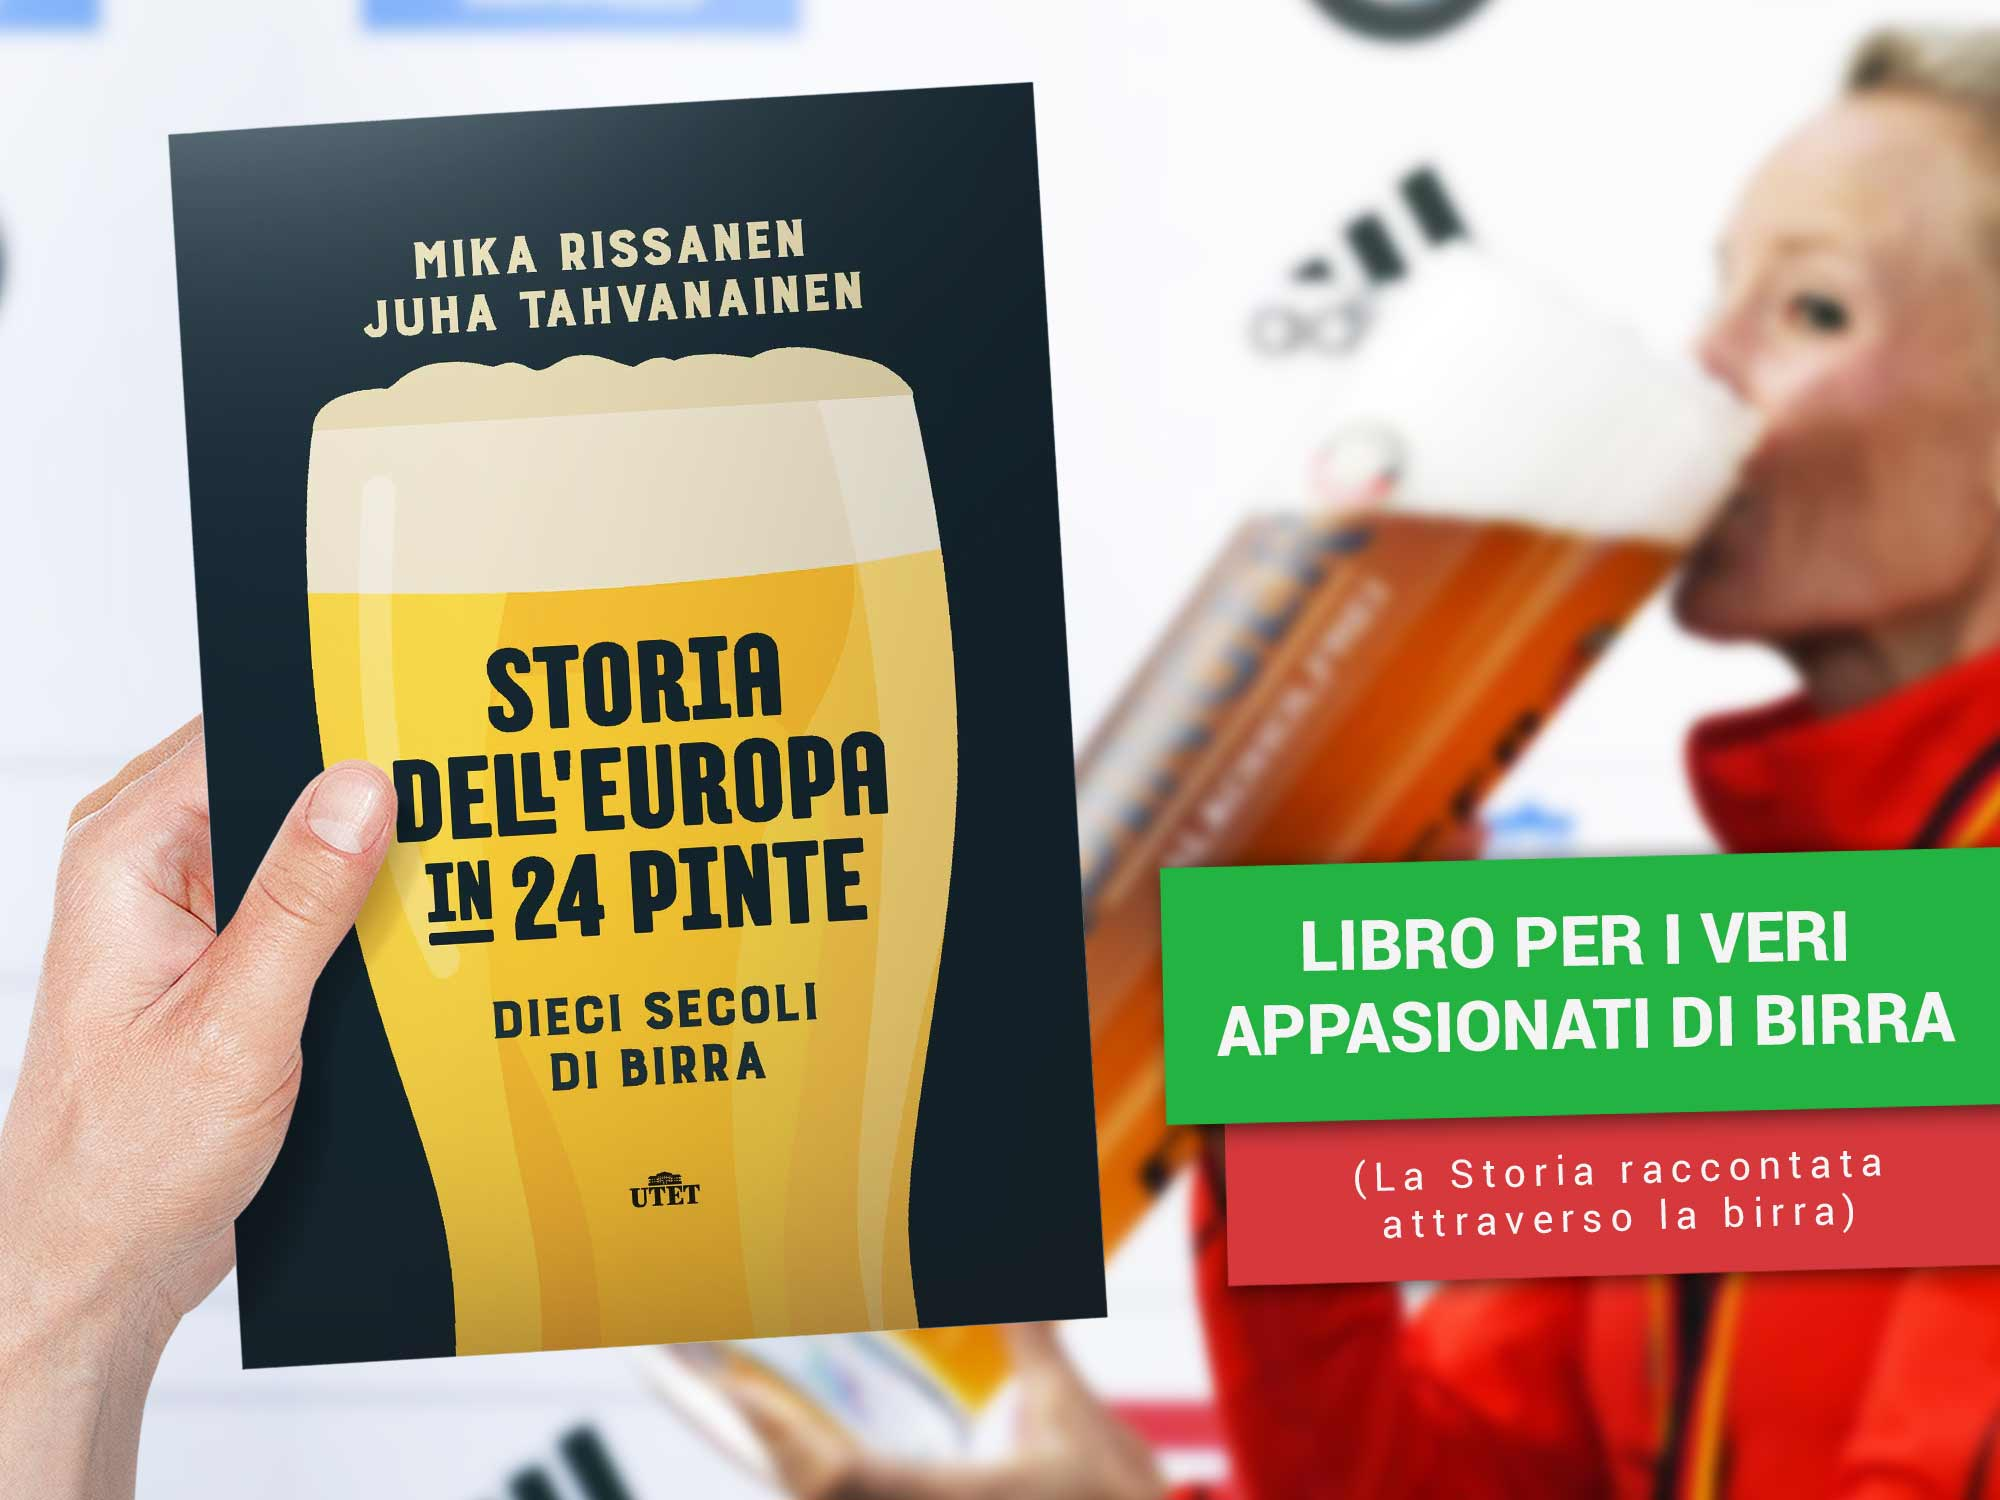 libro-birra